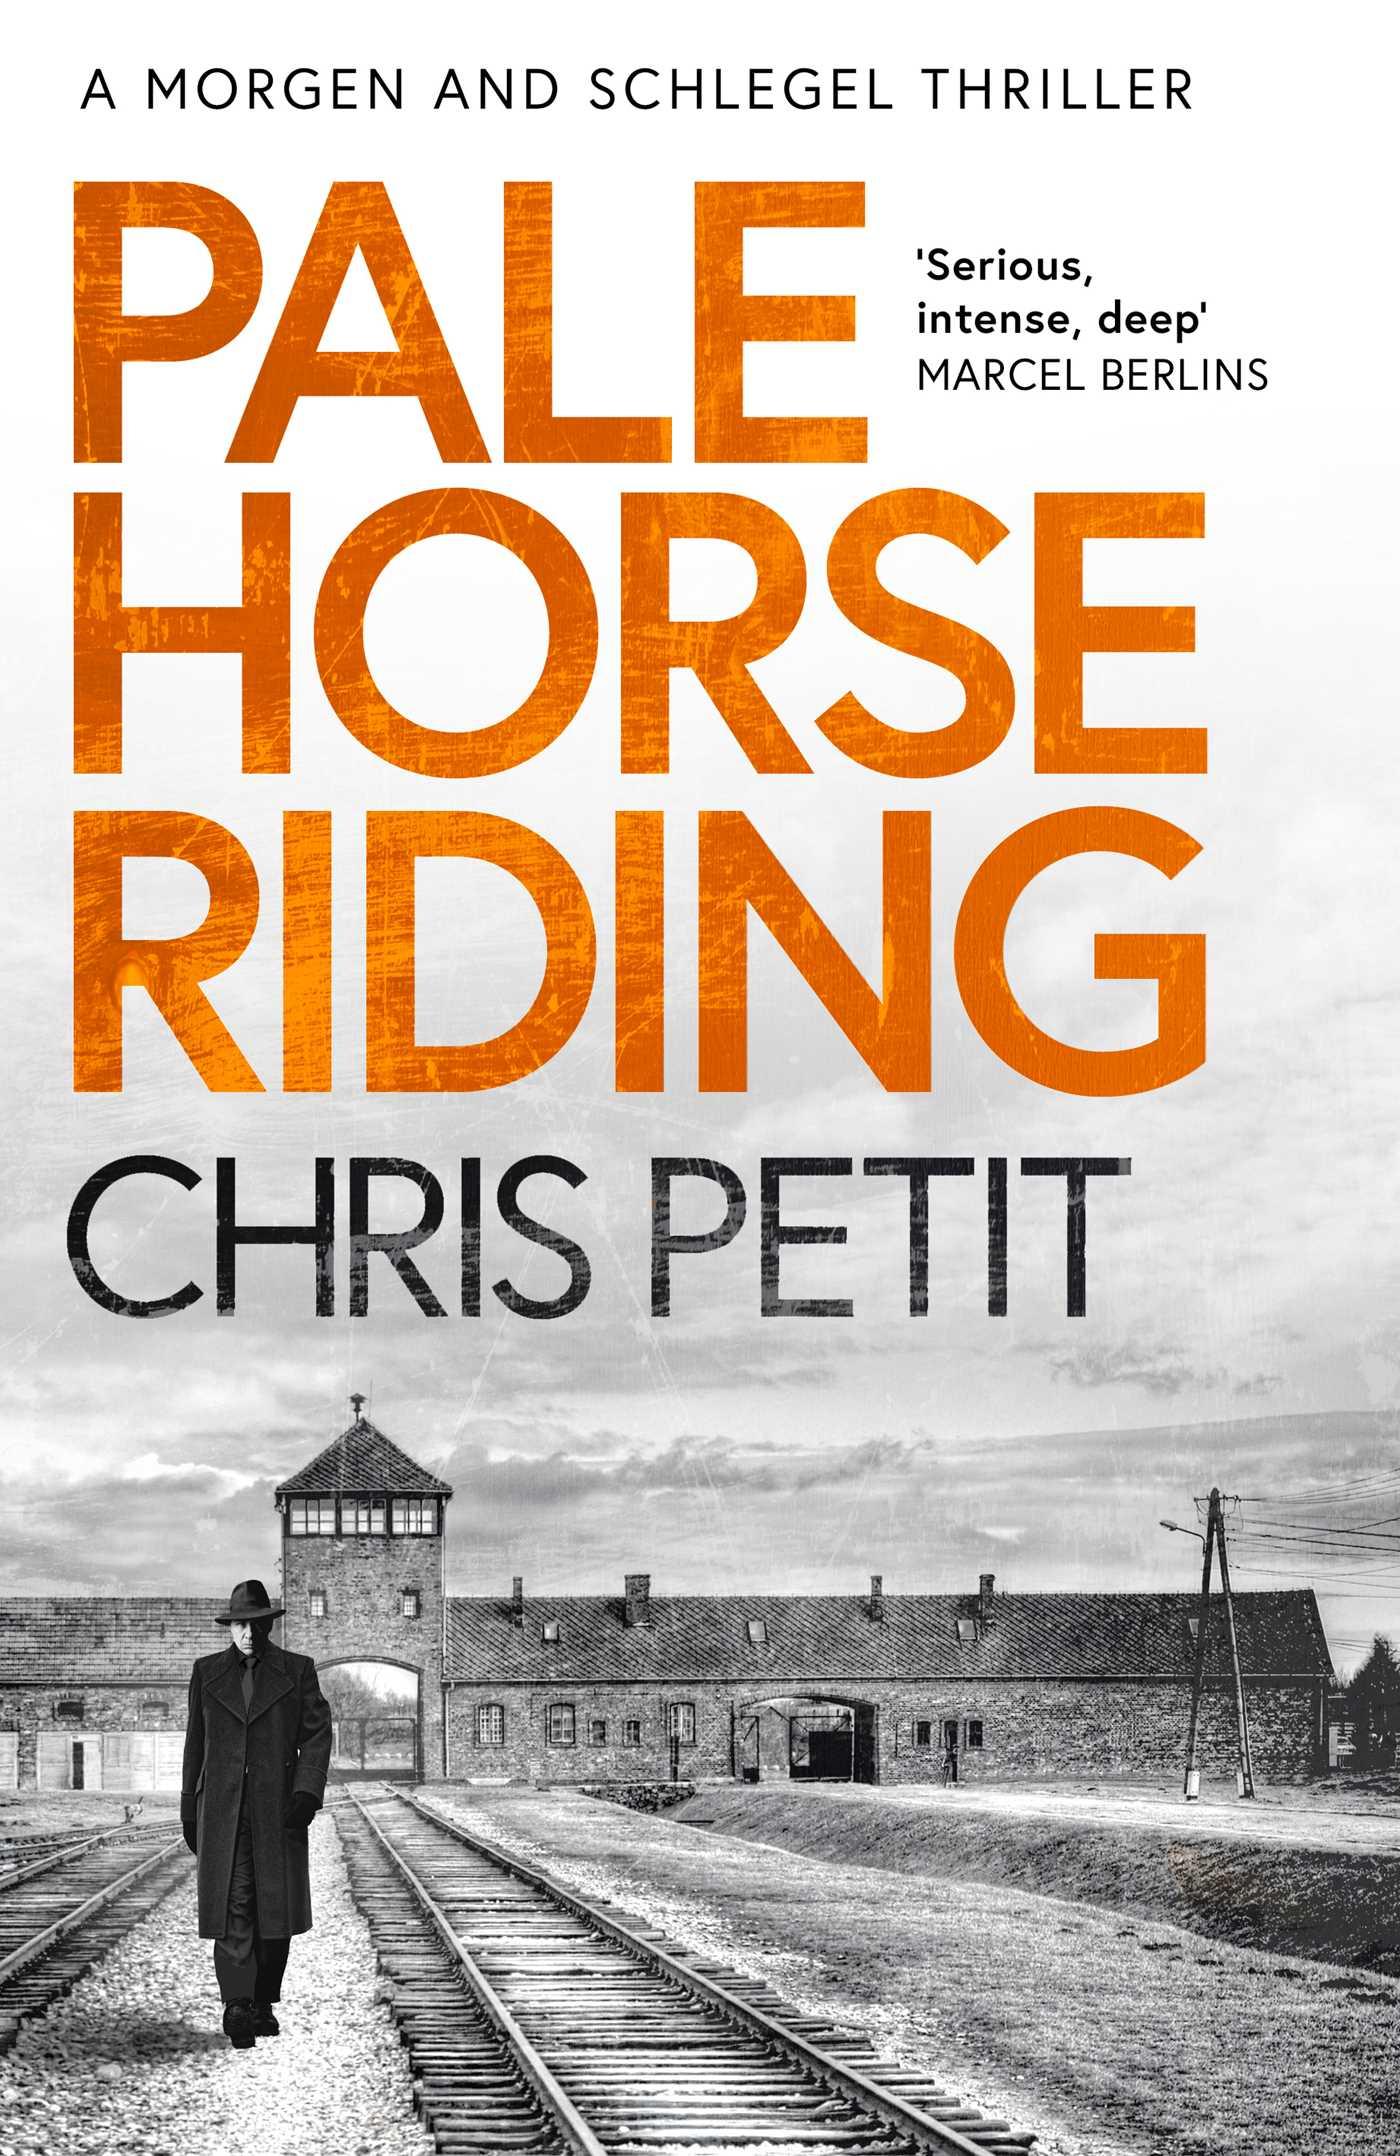 Pale horse riding 9781471148460 hr